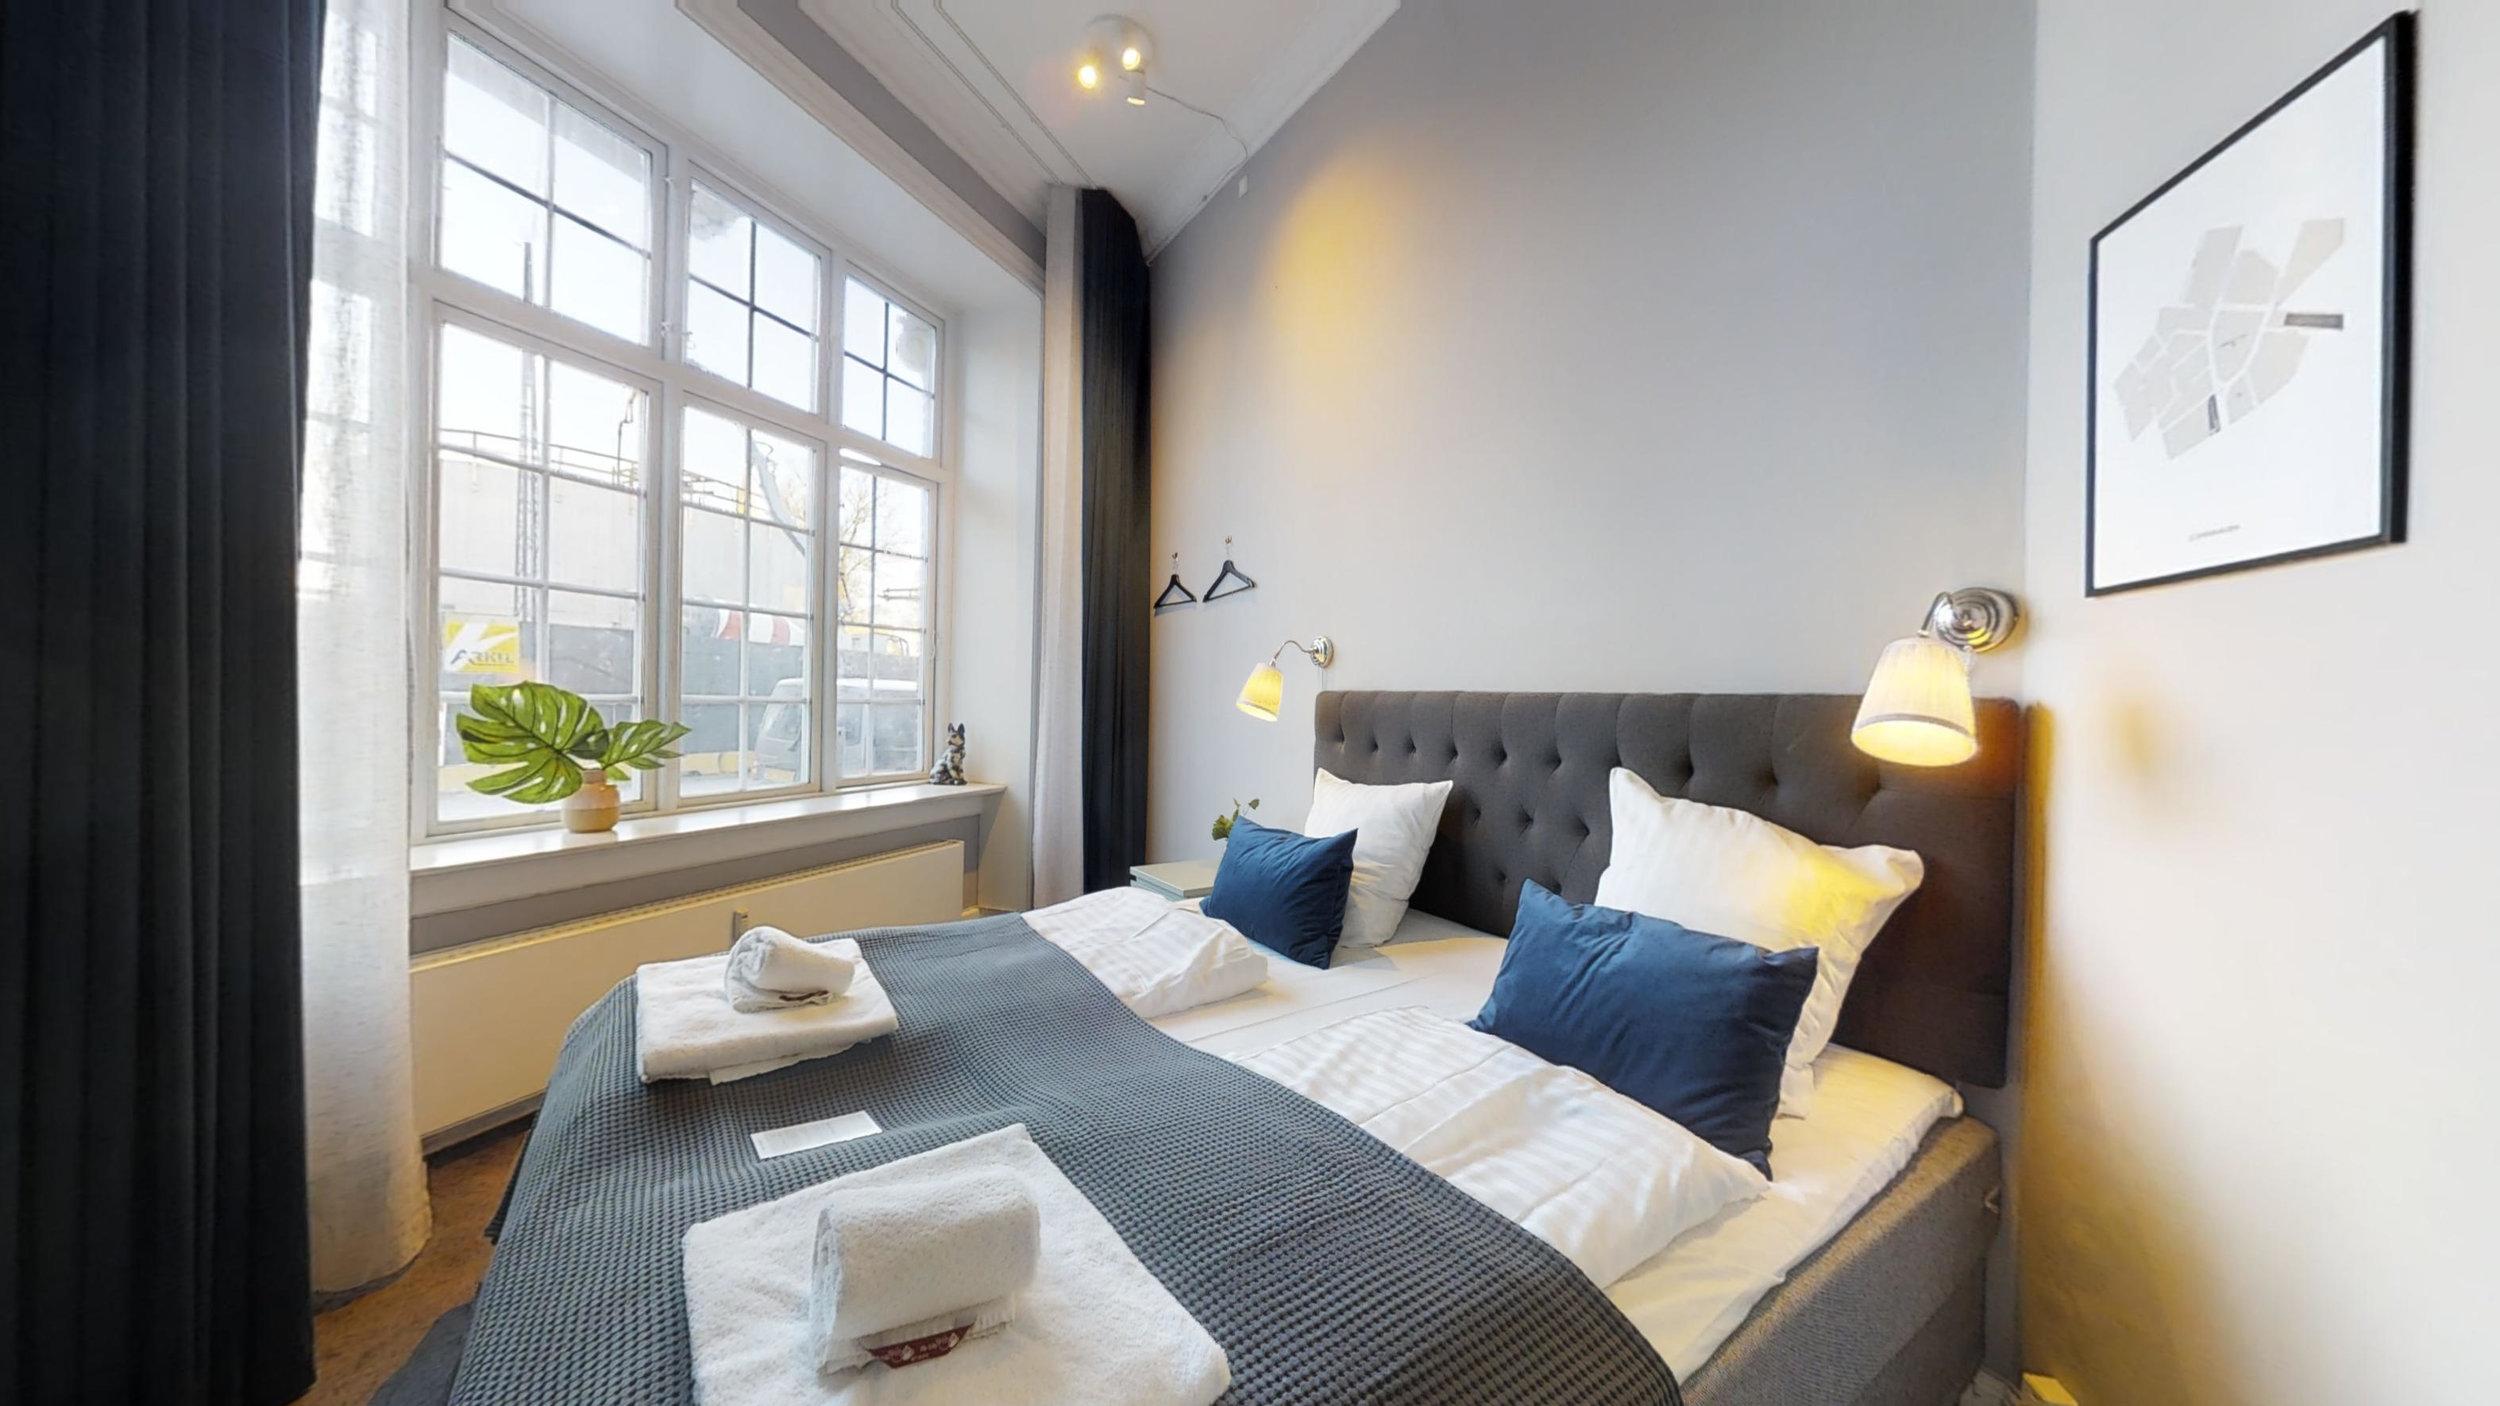 Hotellejlighed-pa-Esplanaden-01152019_105626.jpg